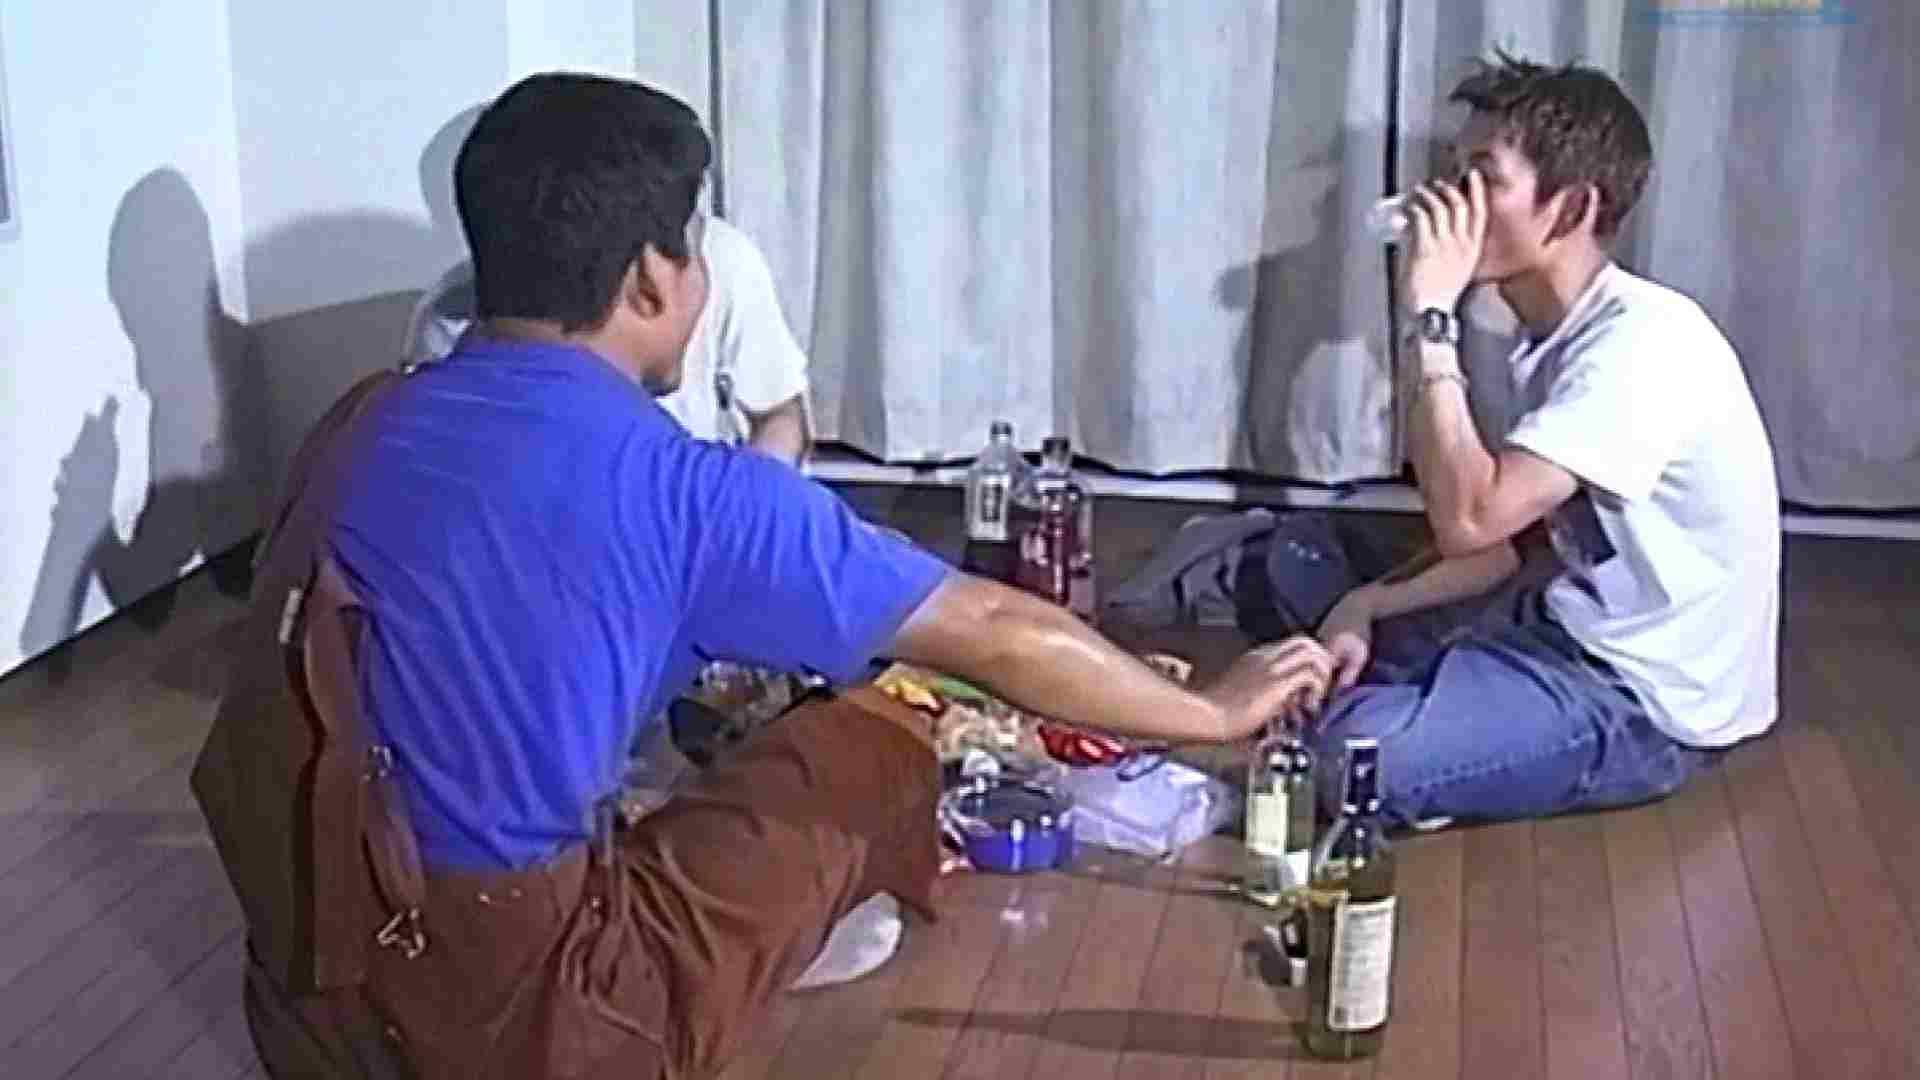 ヤリヤリ野郎共倶楽部vol.13前編 攻めプレイ 尻マンコ画像 52連発 14